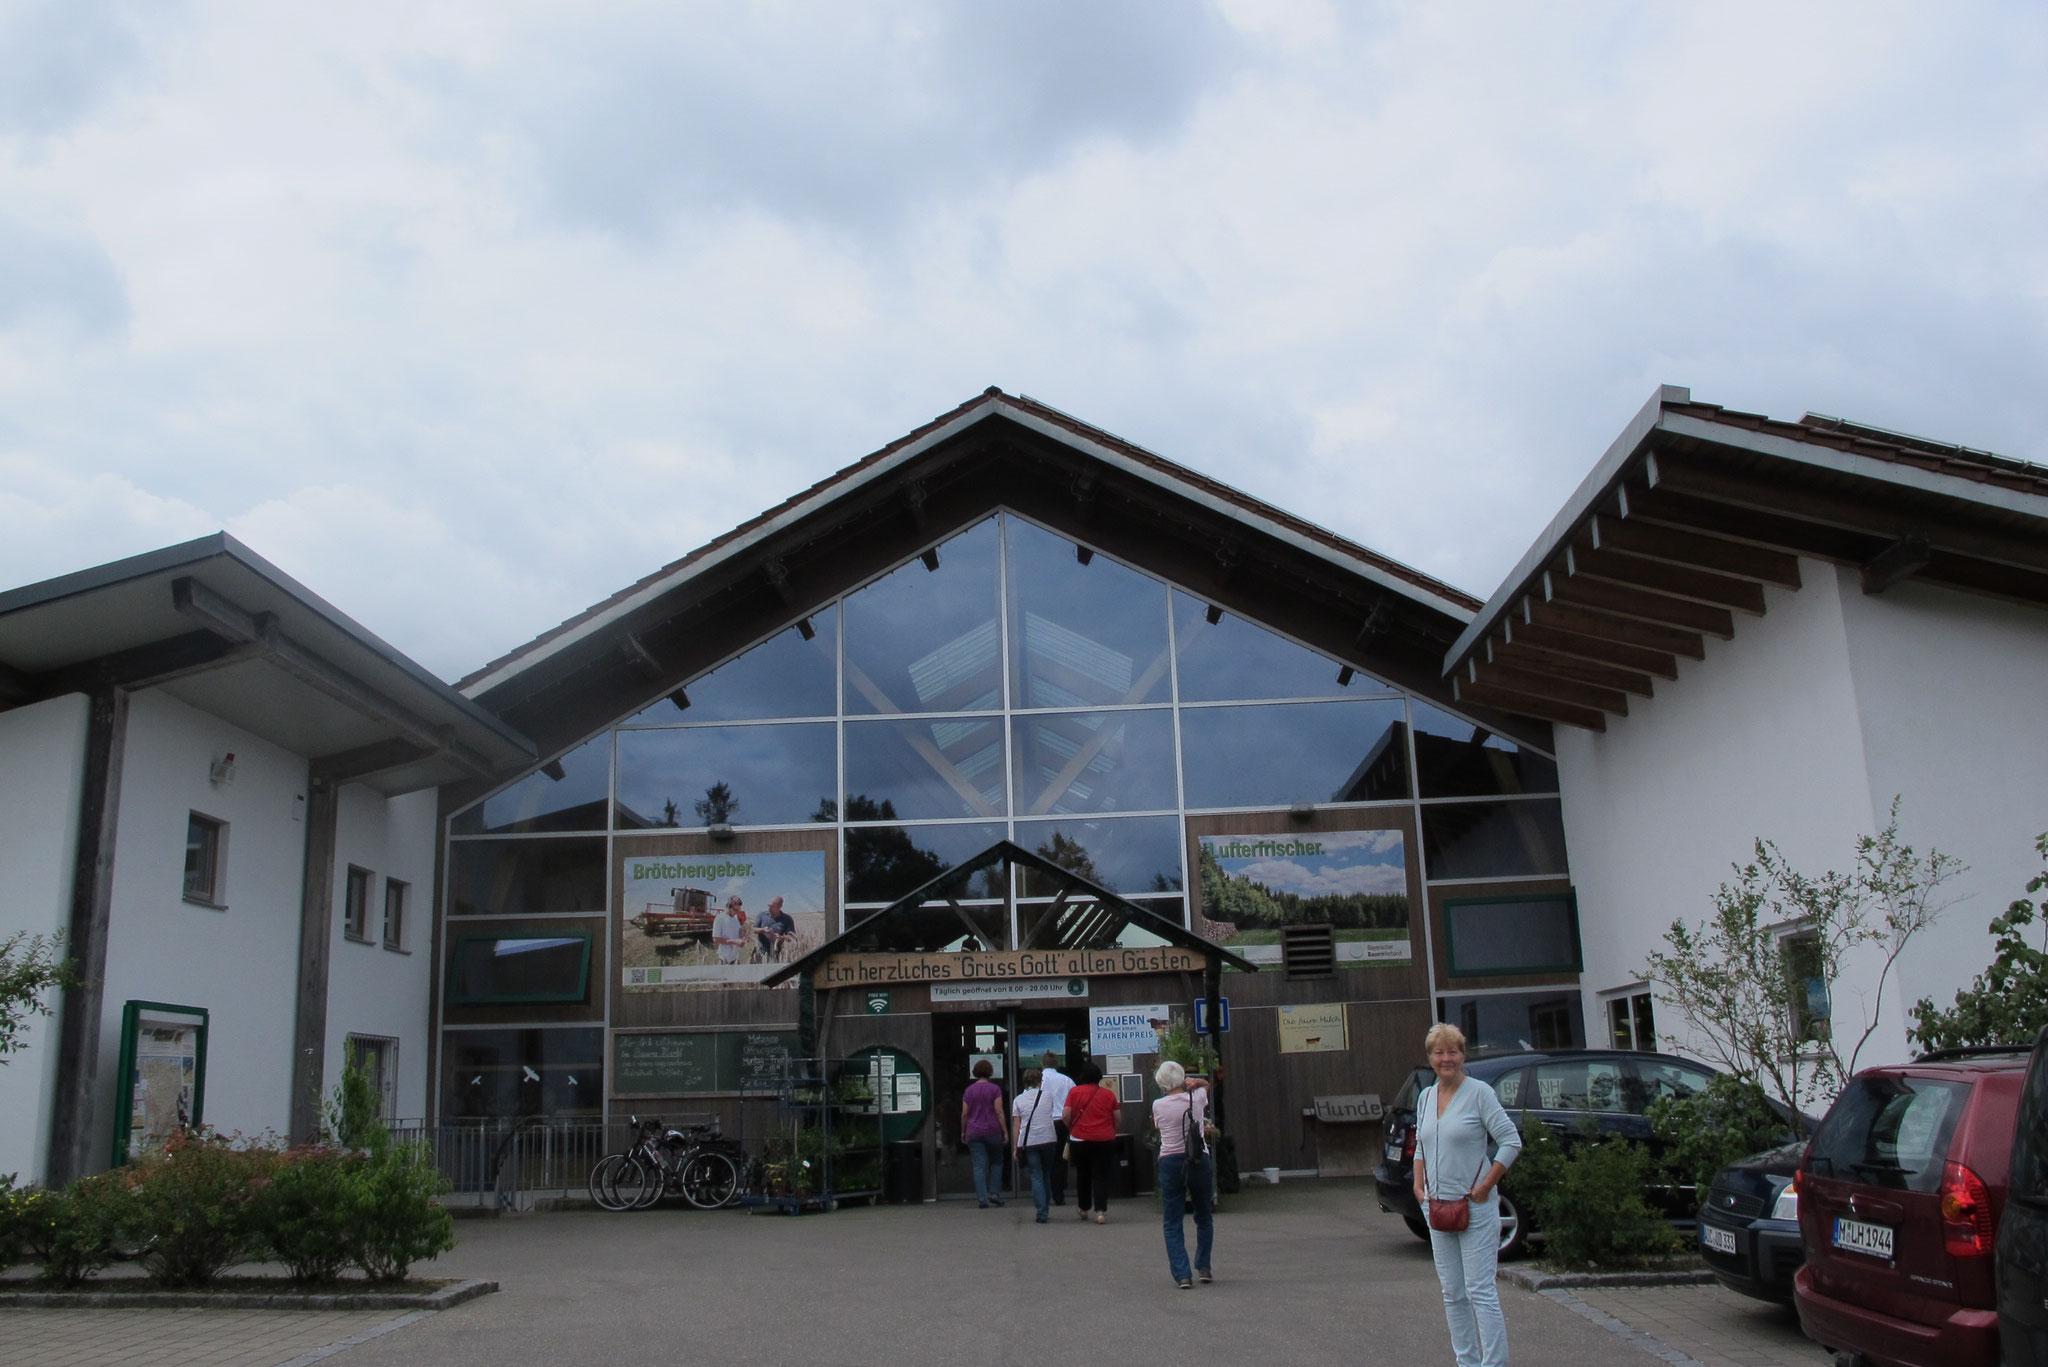 Eingang zum Bauernmarkt Dasing - Wittelsbacher Land